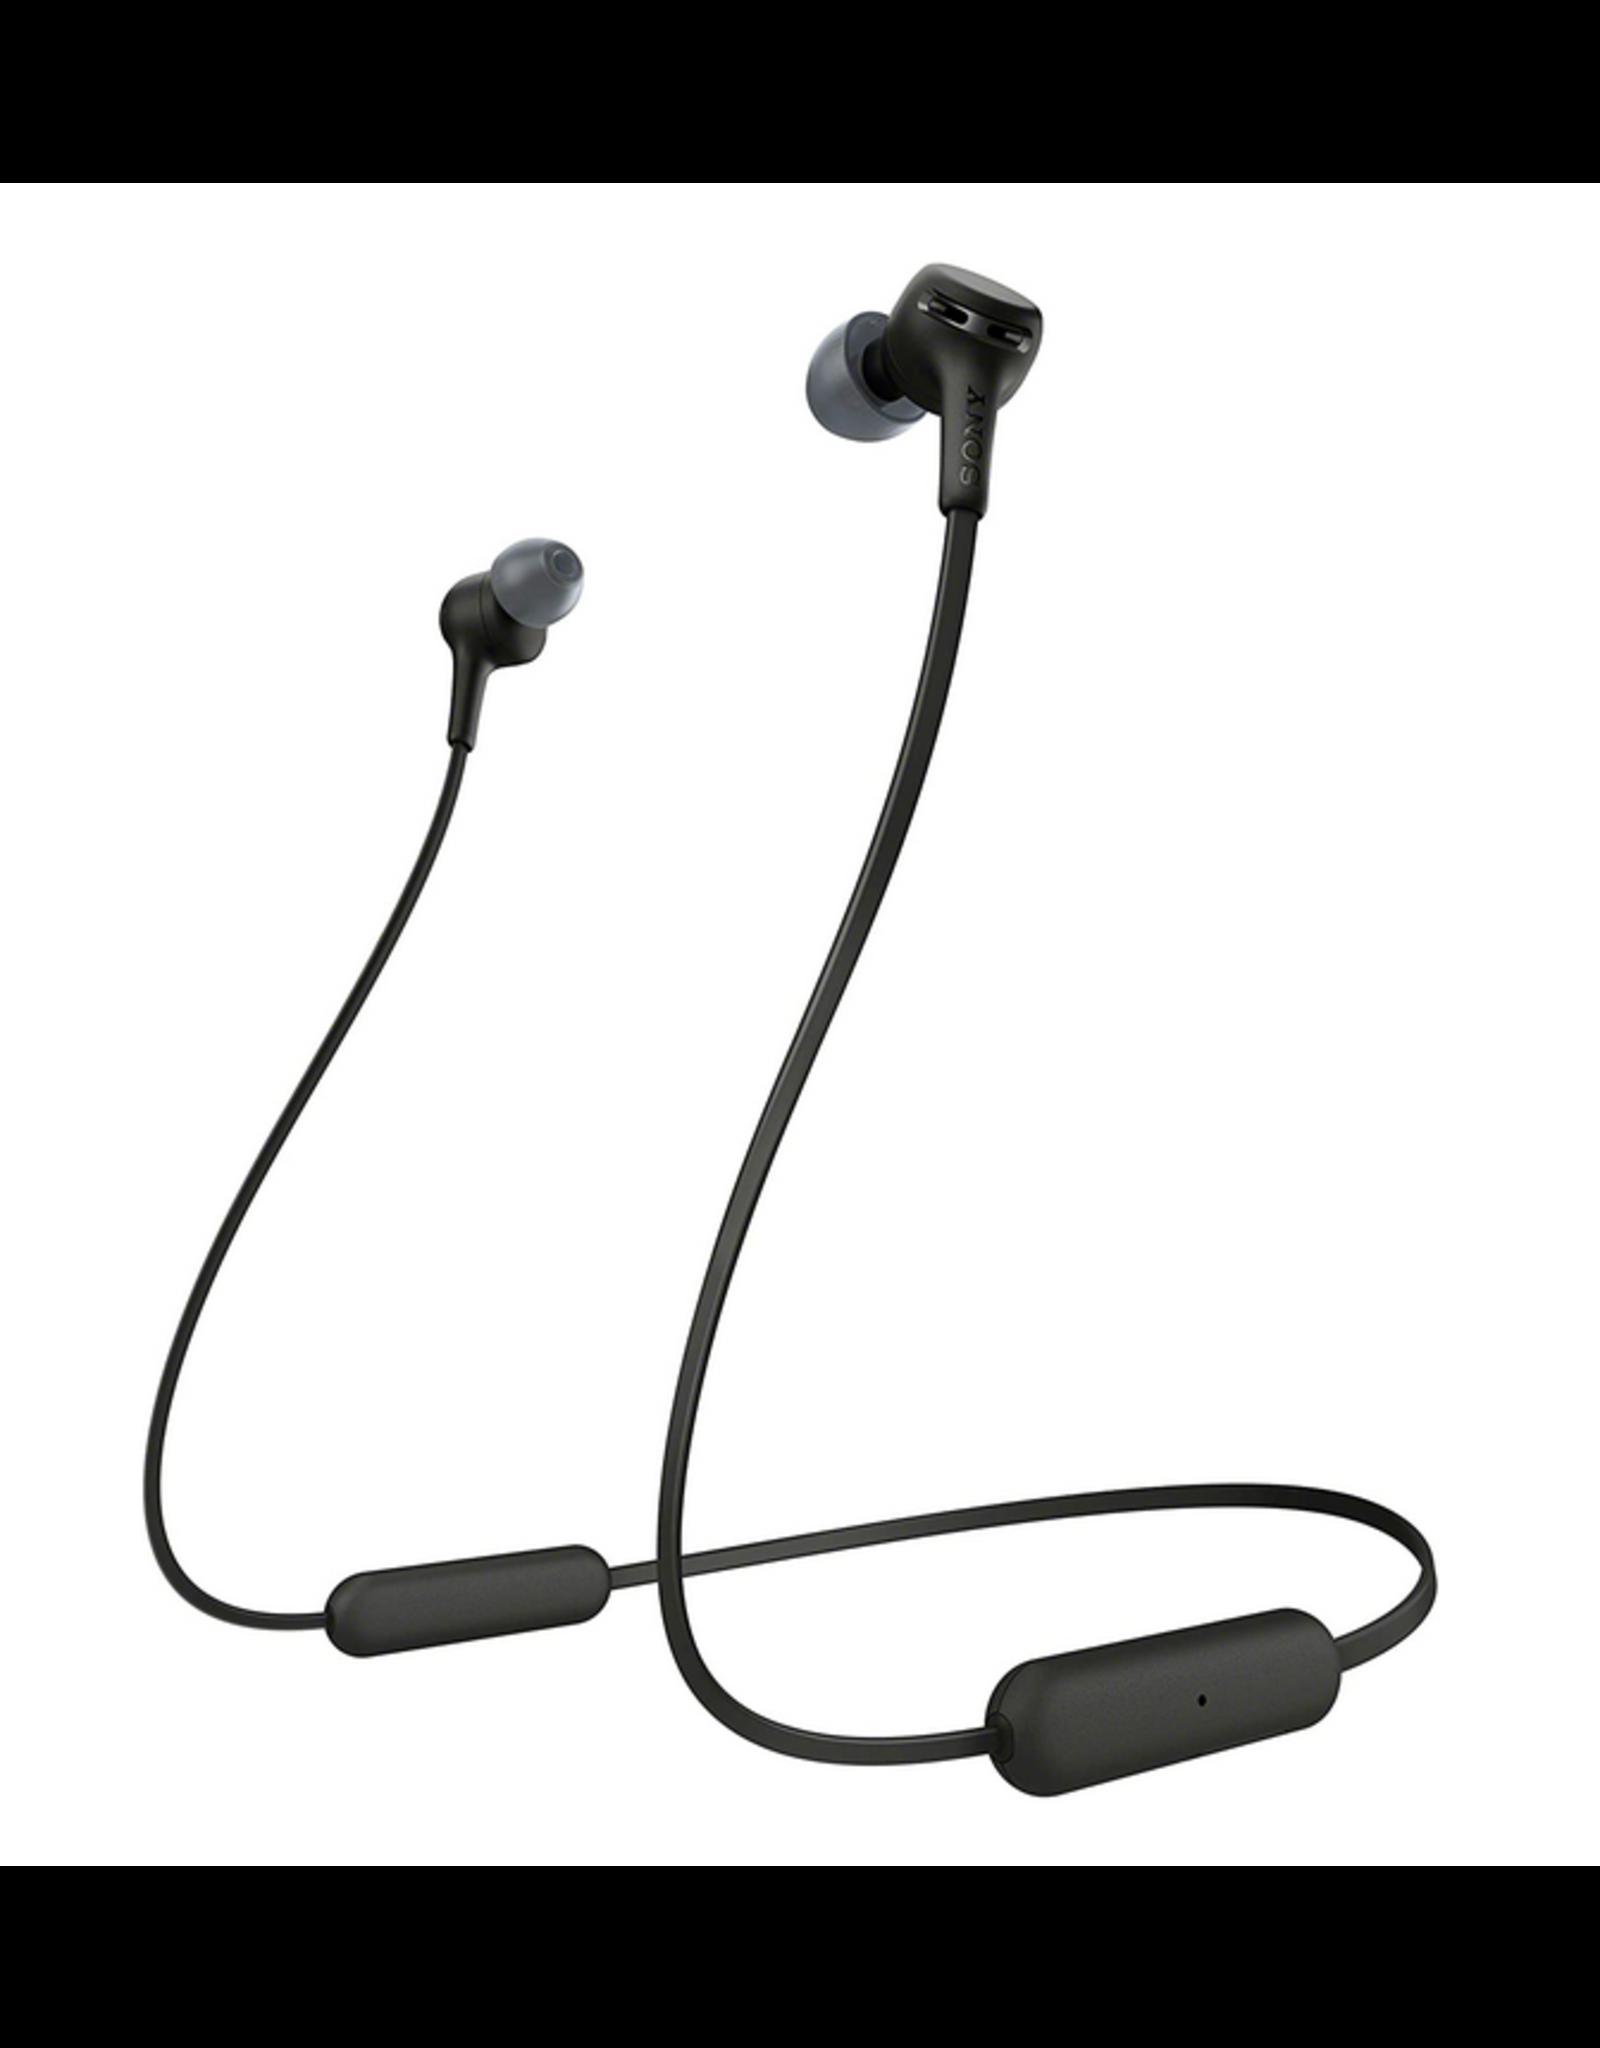 Sony Sony Wi-XB400 Wireless In-Ear Headphones, Black